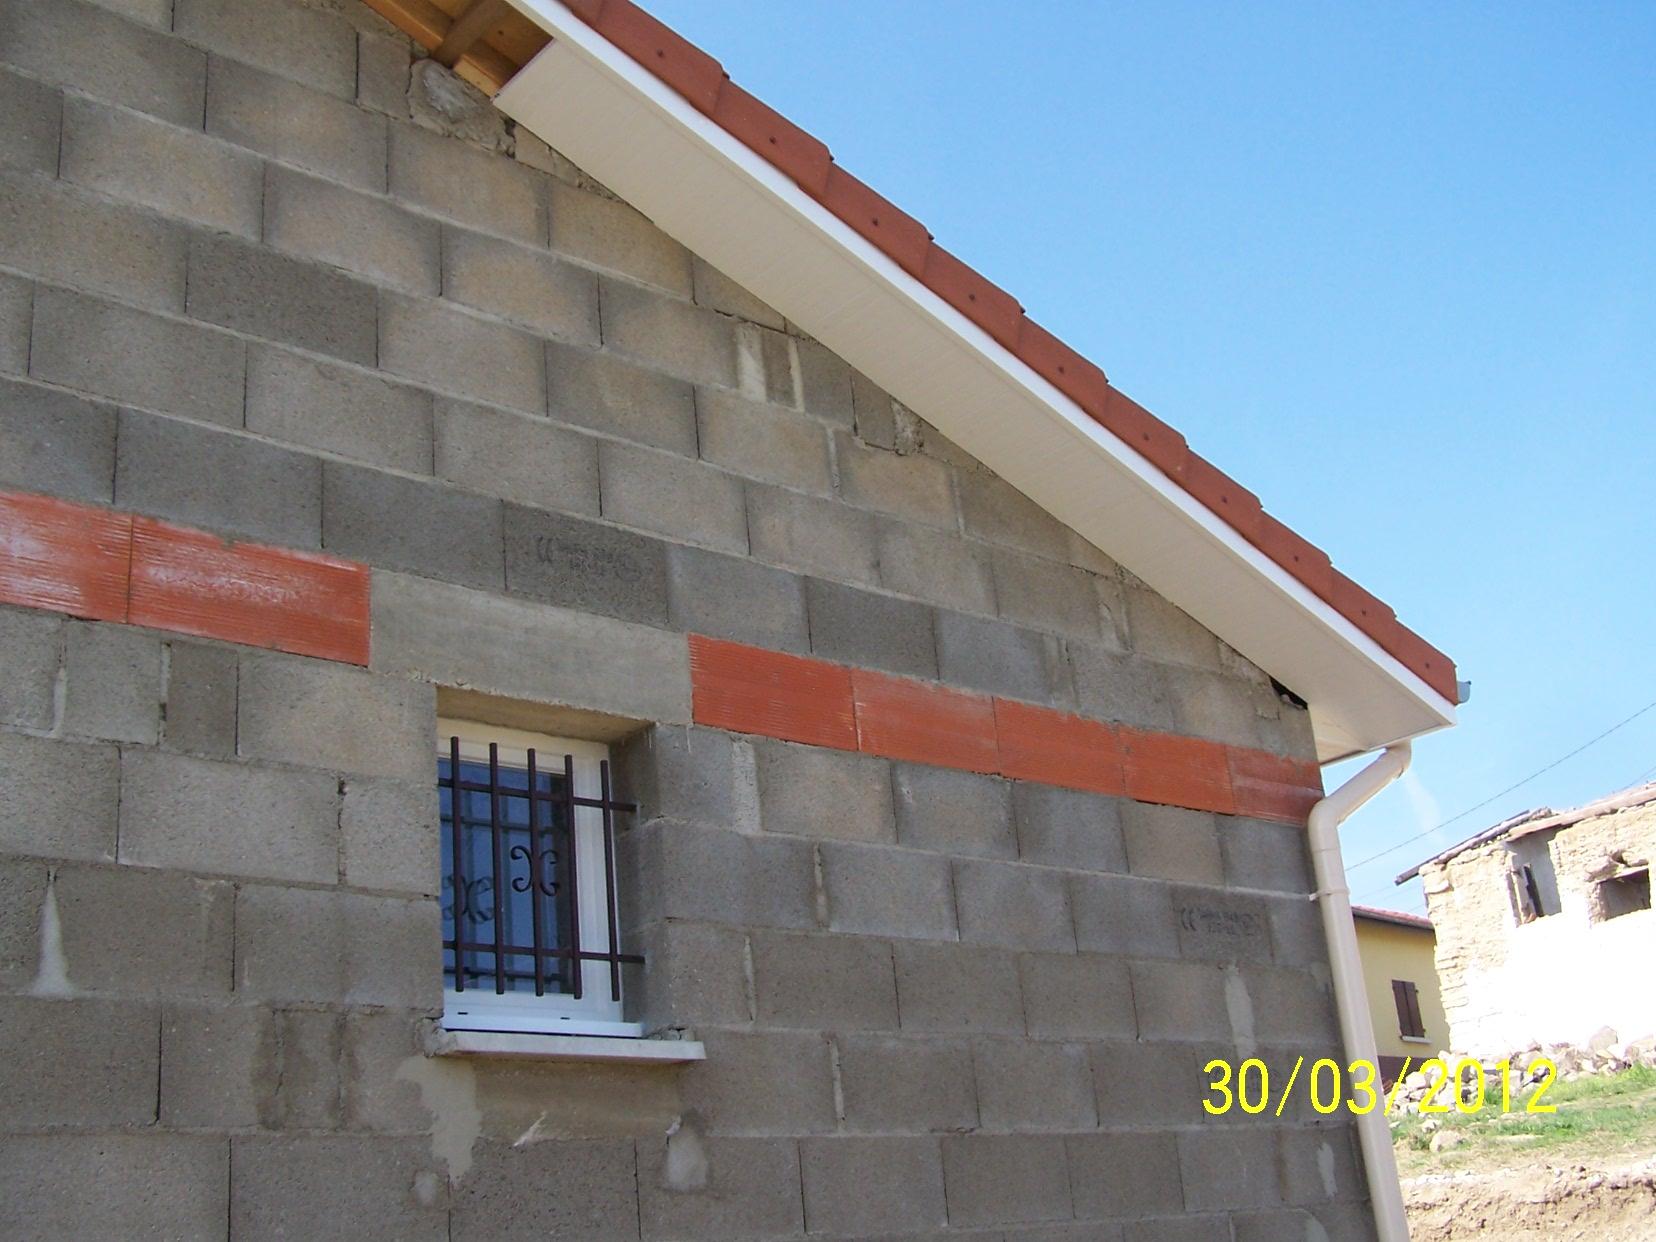 Pose lambris pvc plafond exterieur - Isolation idées